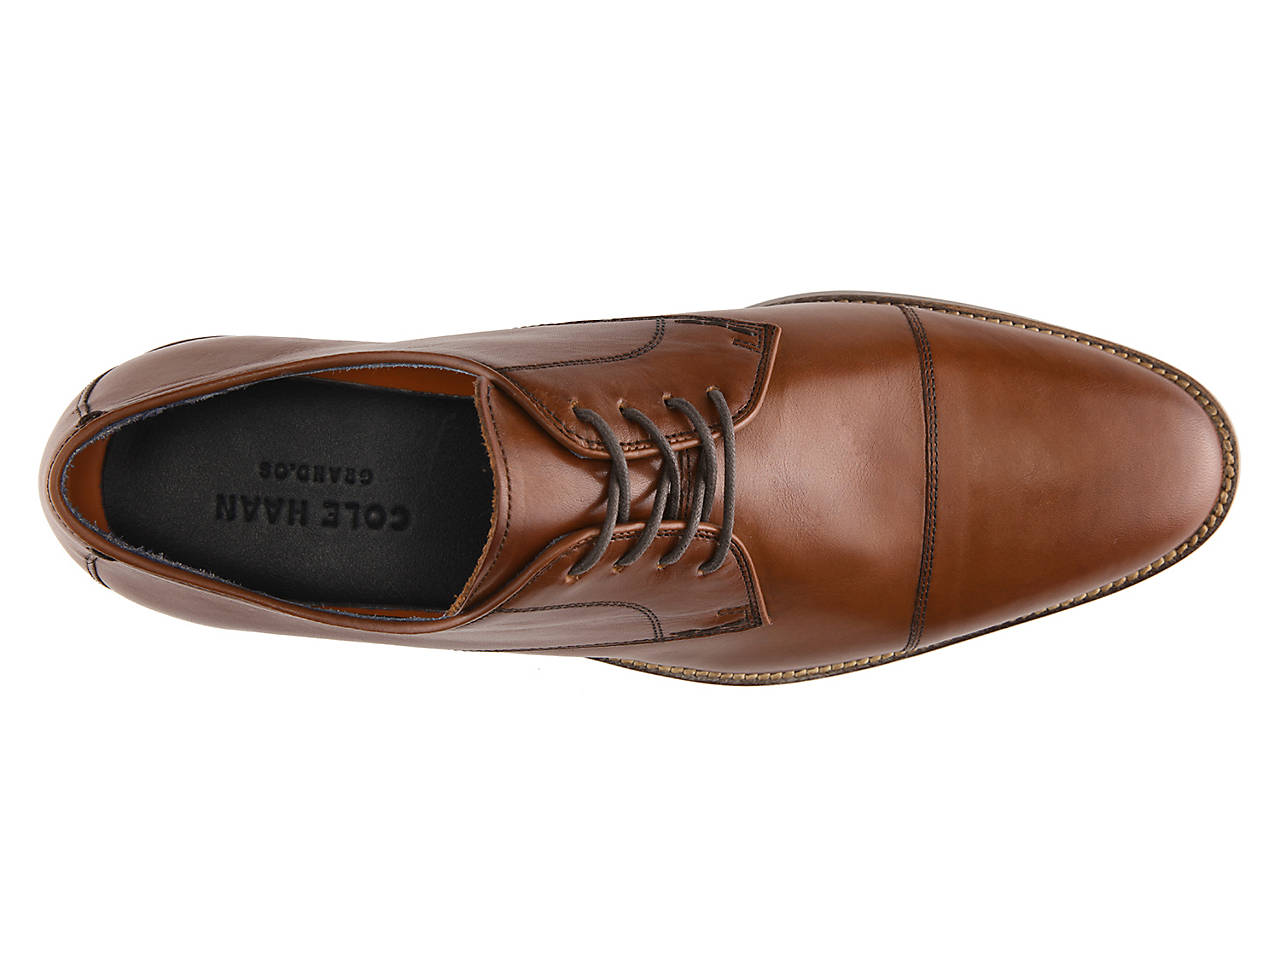 a45af0c0c8d1b Cole Haan Lenox Hill Cap Toe Oxford Men s Shoes